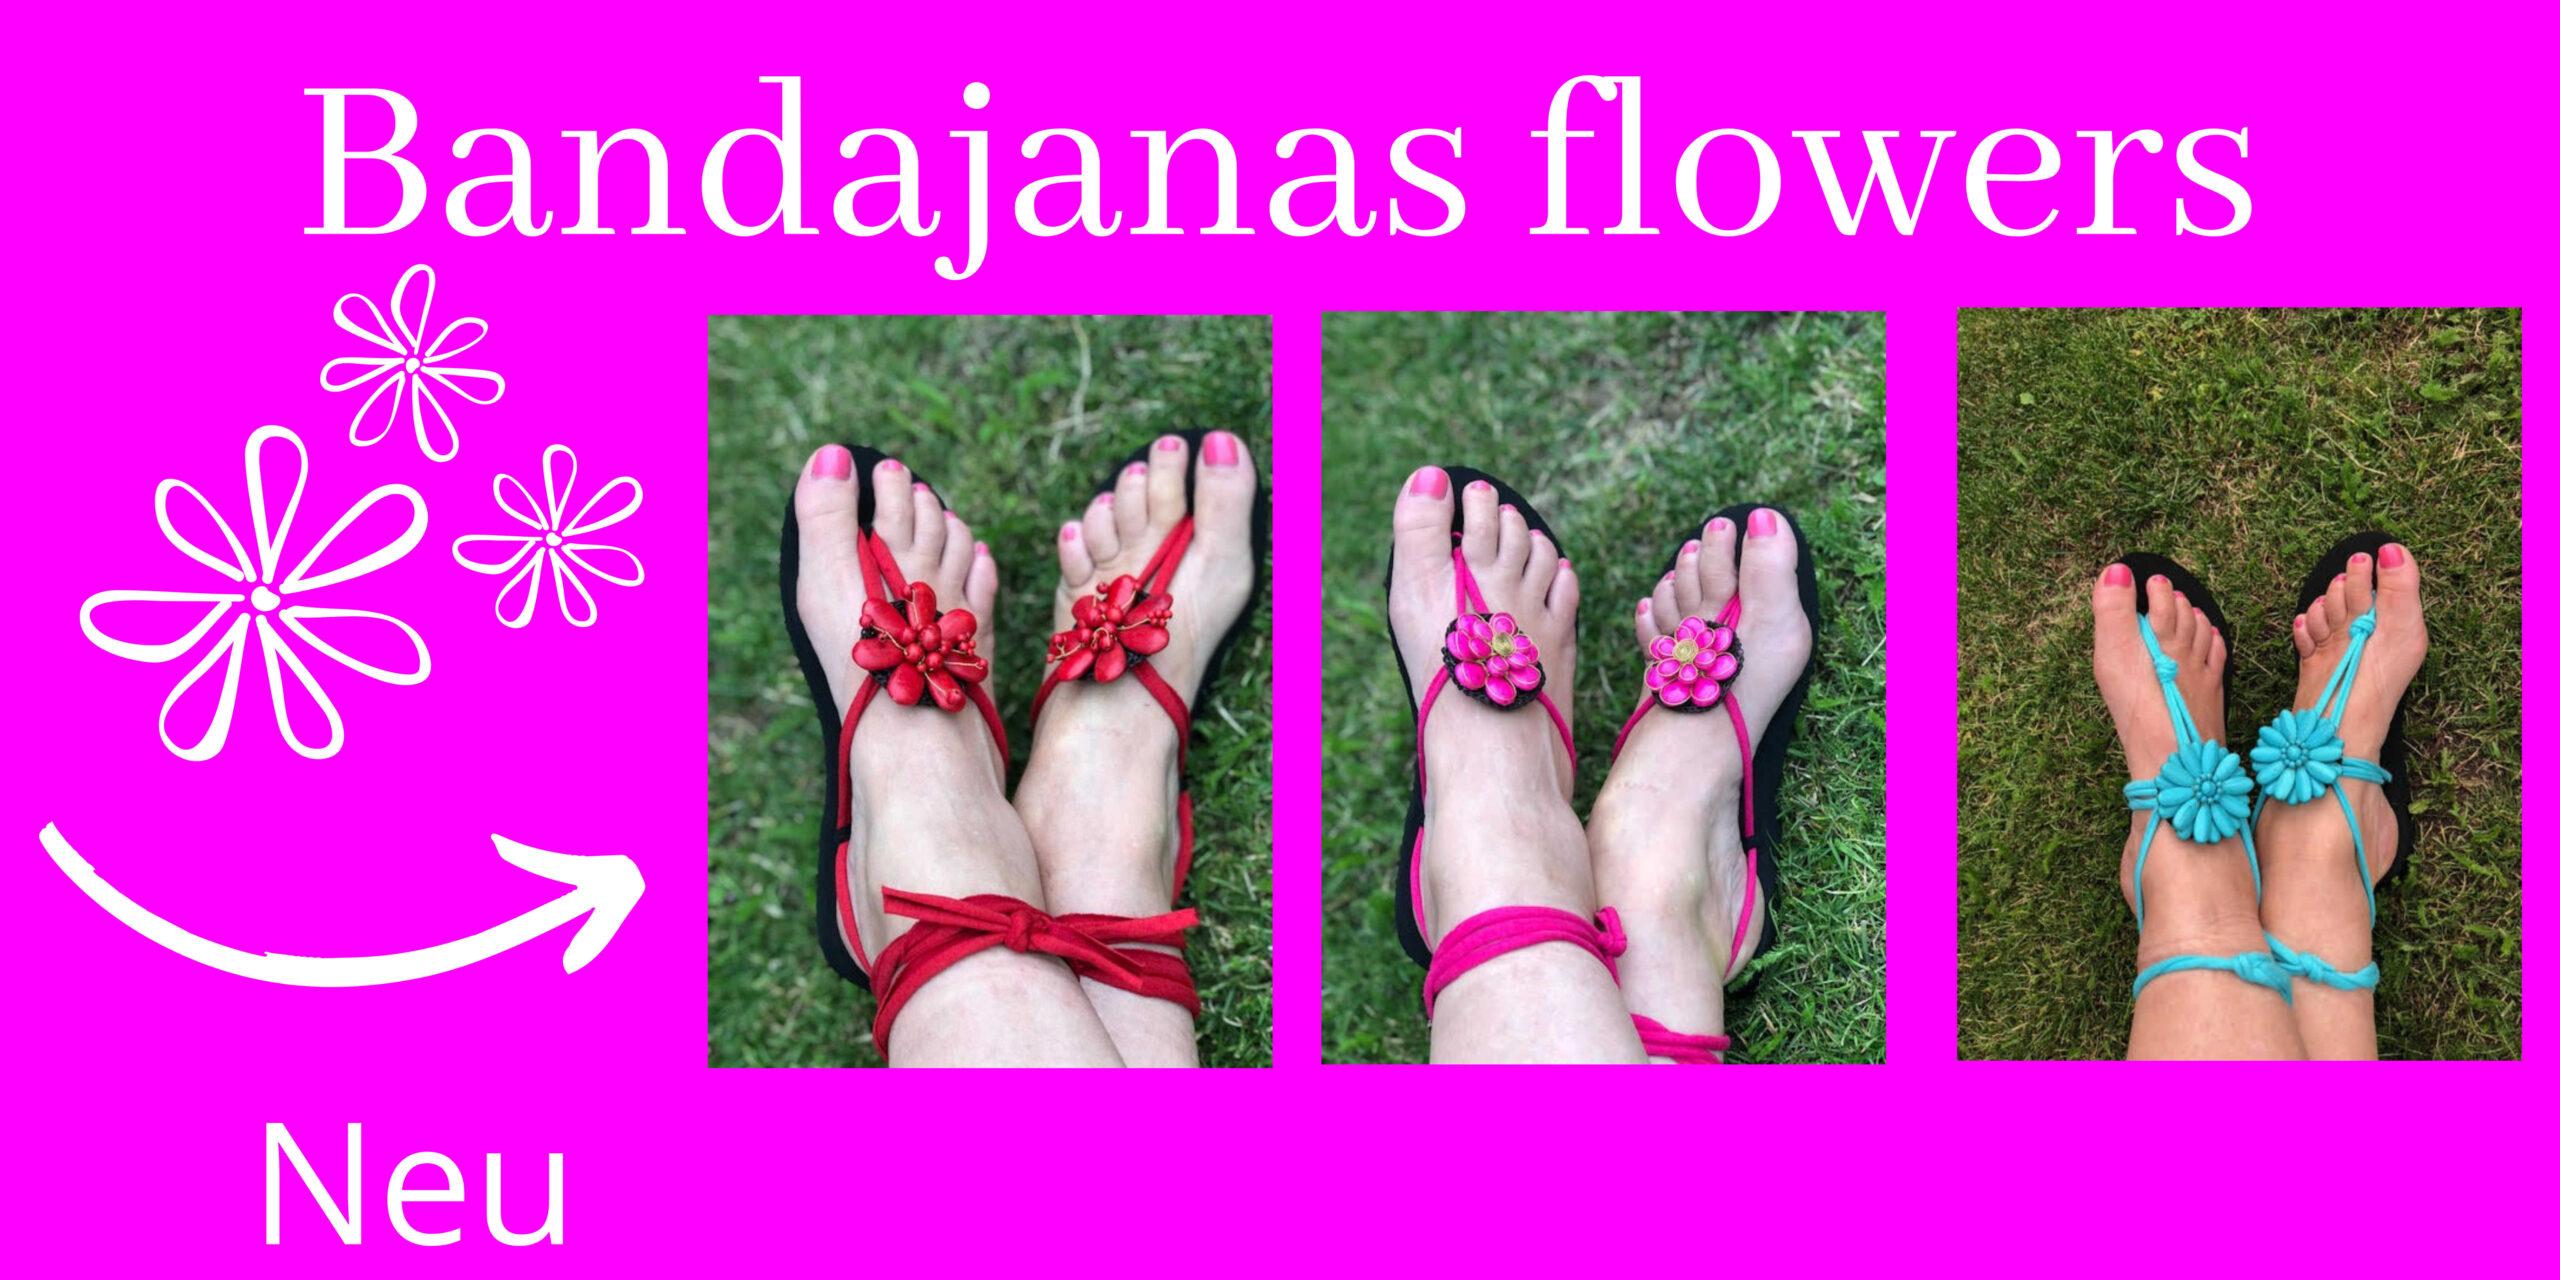 Bandajanas Flowers - Neu